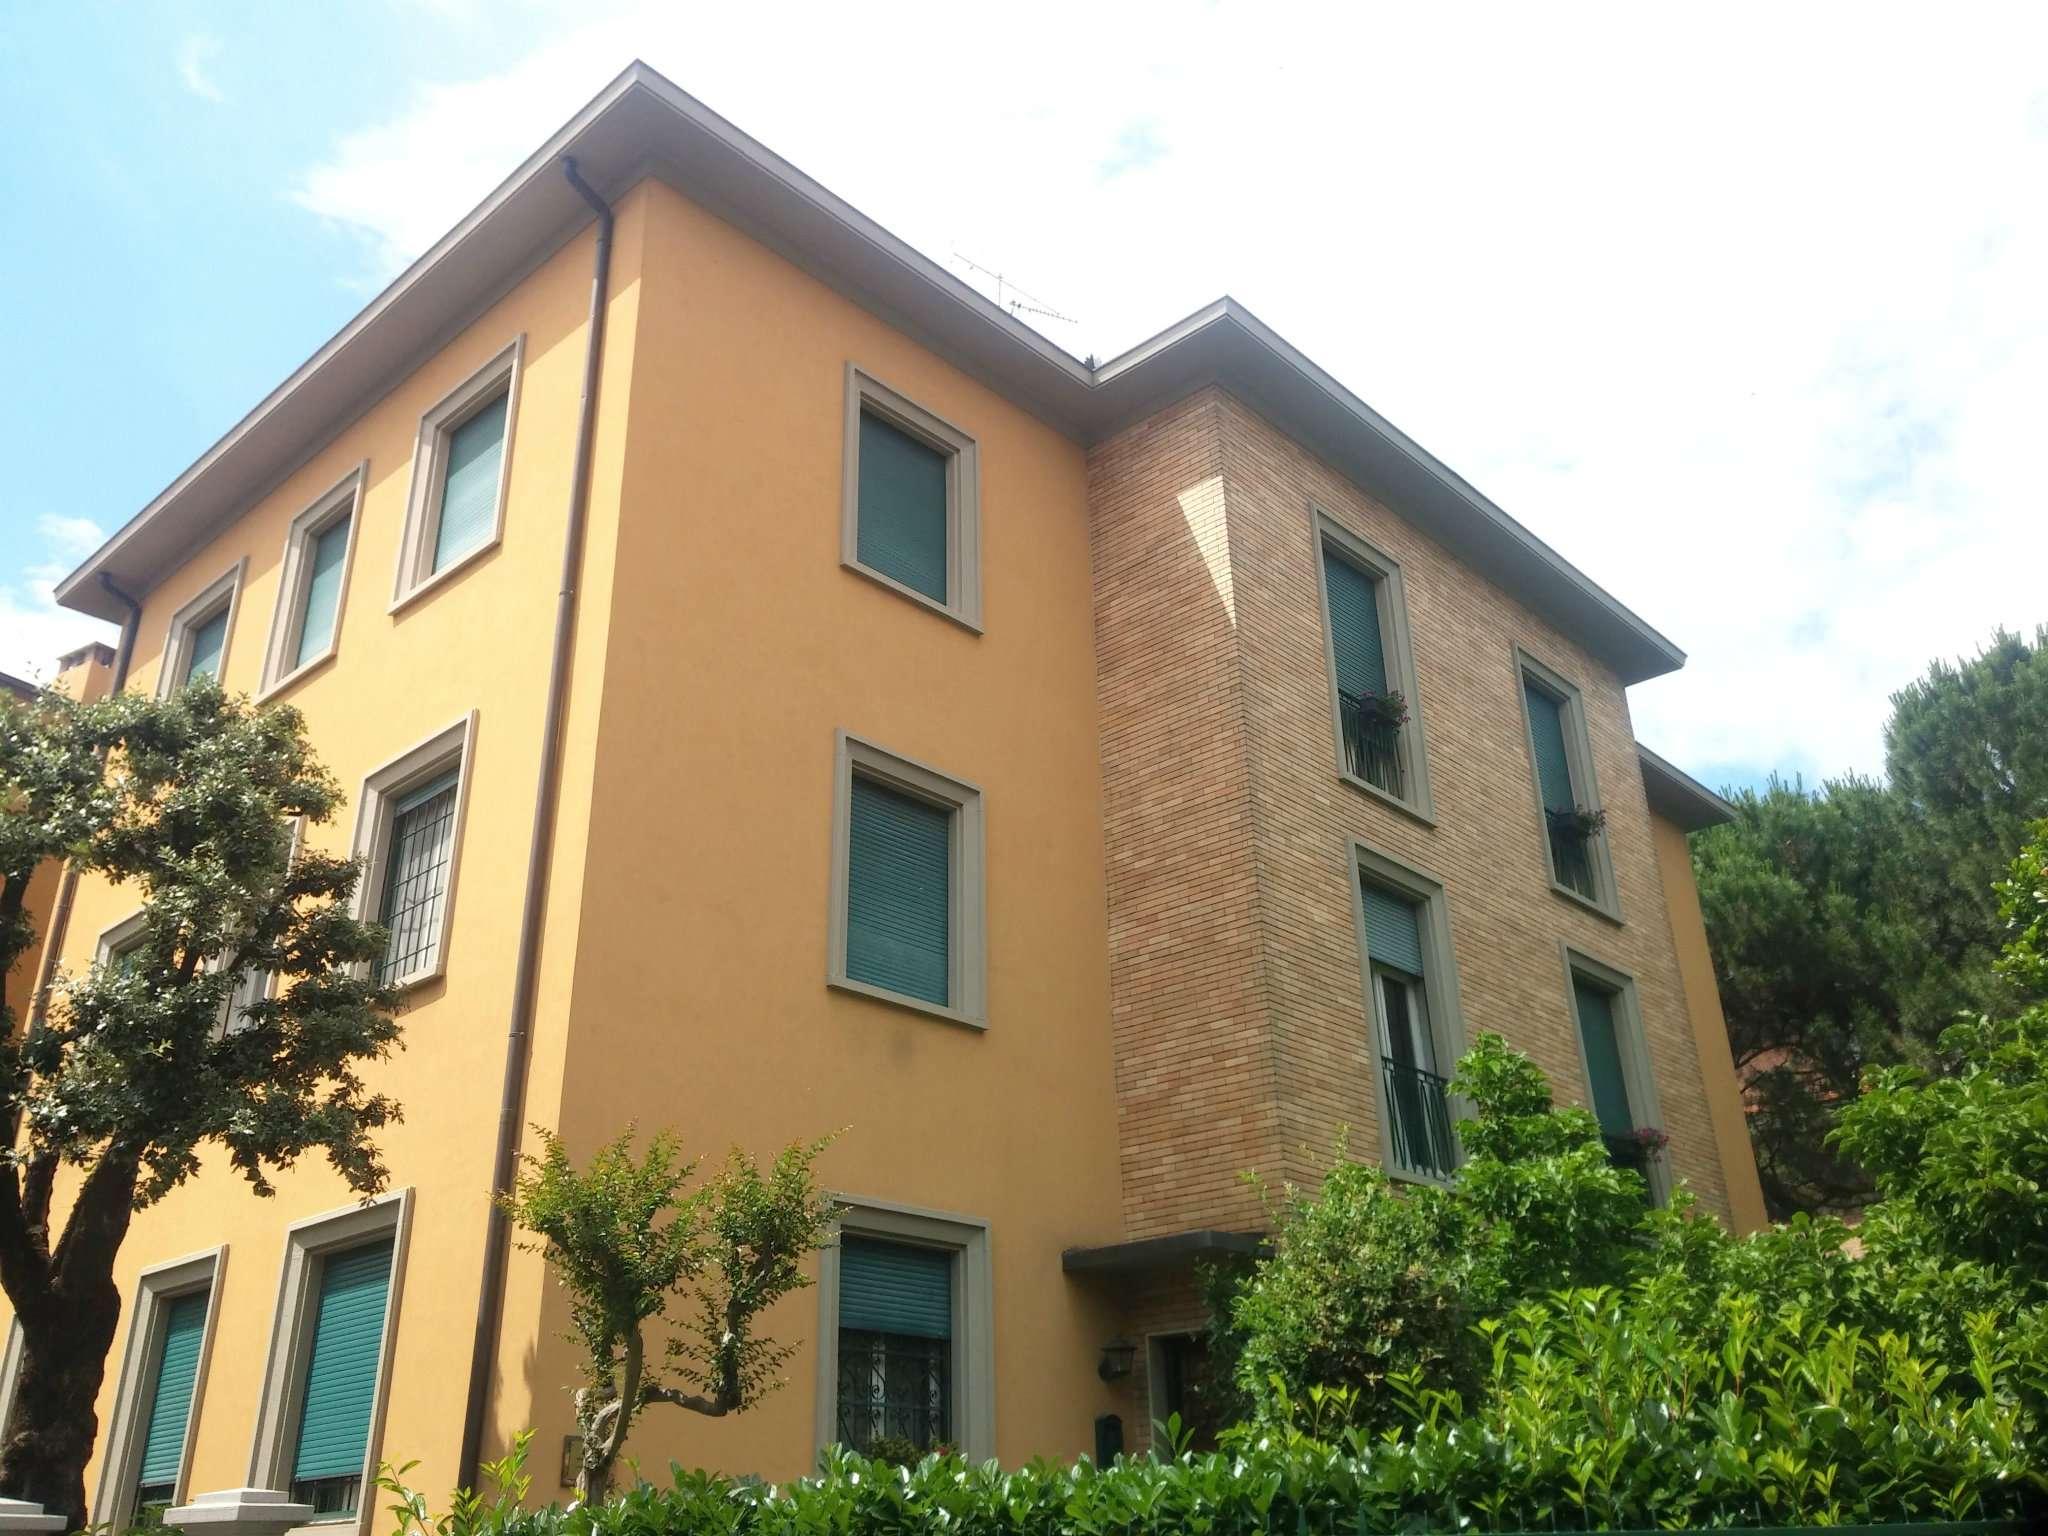 Appartamento in vendita a Casalecchio di Reno, 9999 locali, prezzo € 320.000   CambioCasa.it